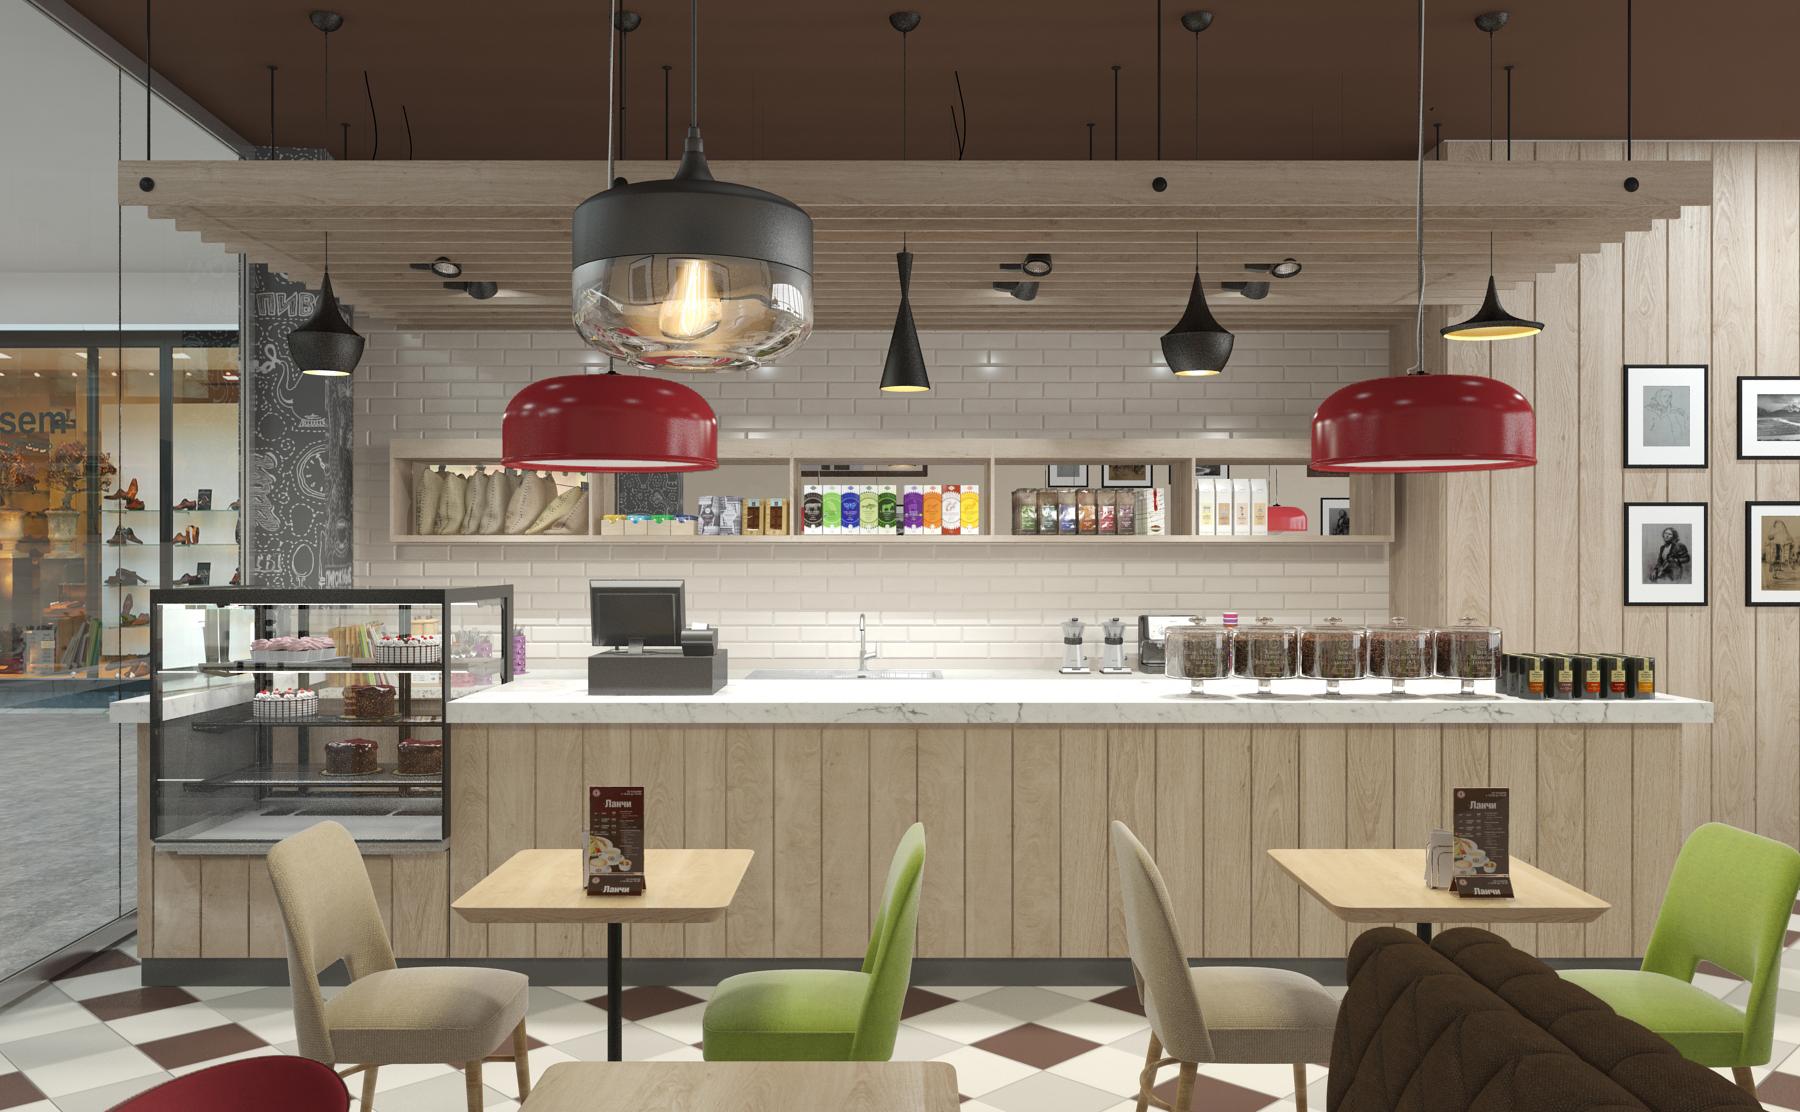 Дизайн интерьера кафе Шоколадница. Визуализация